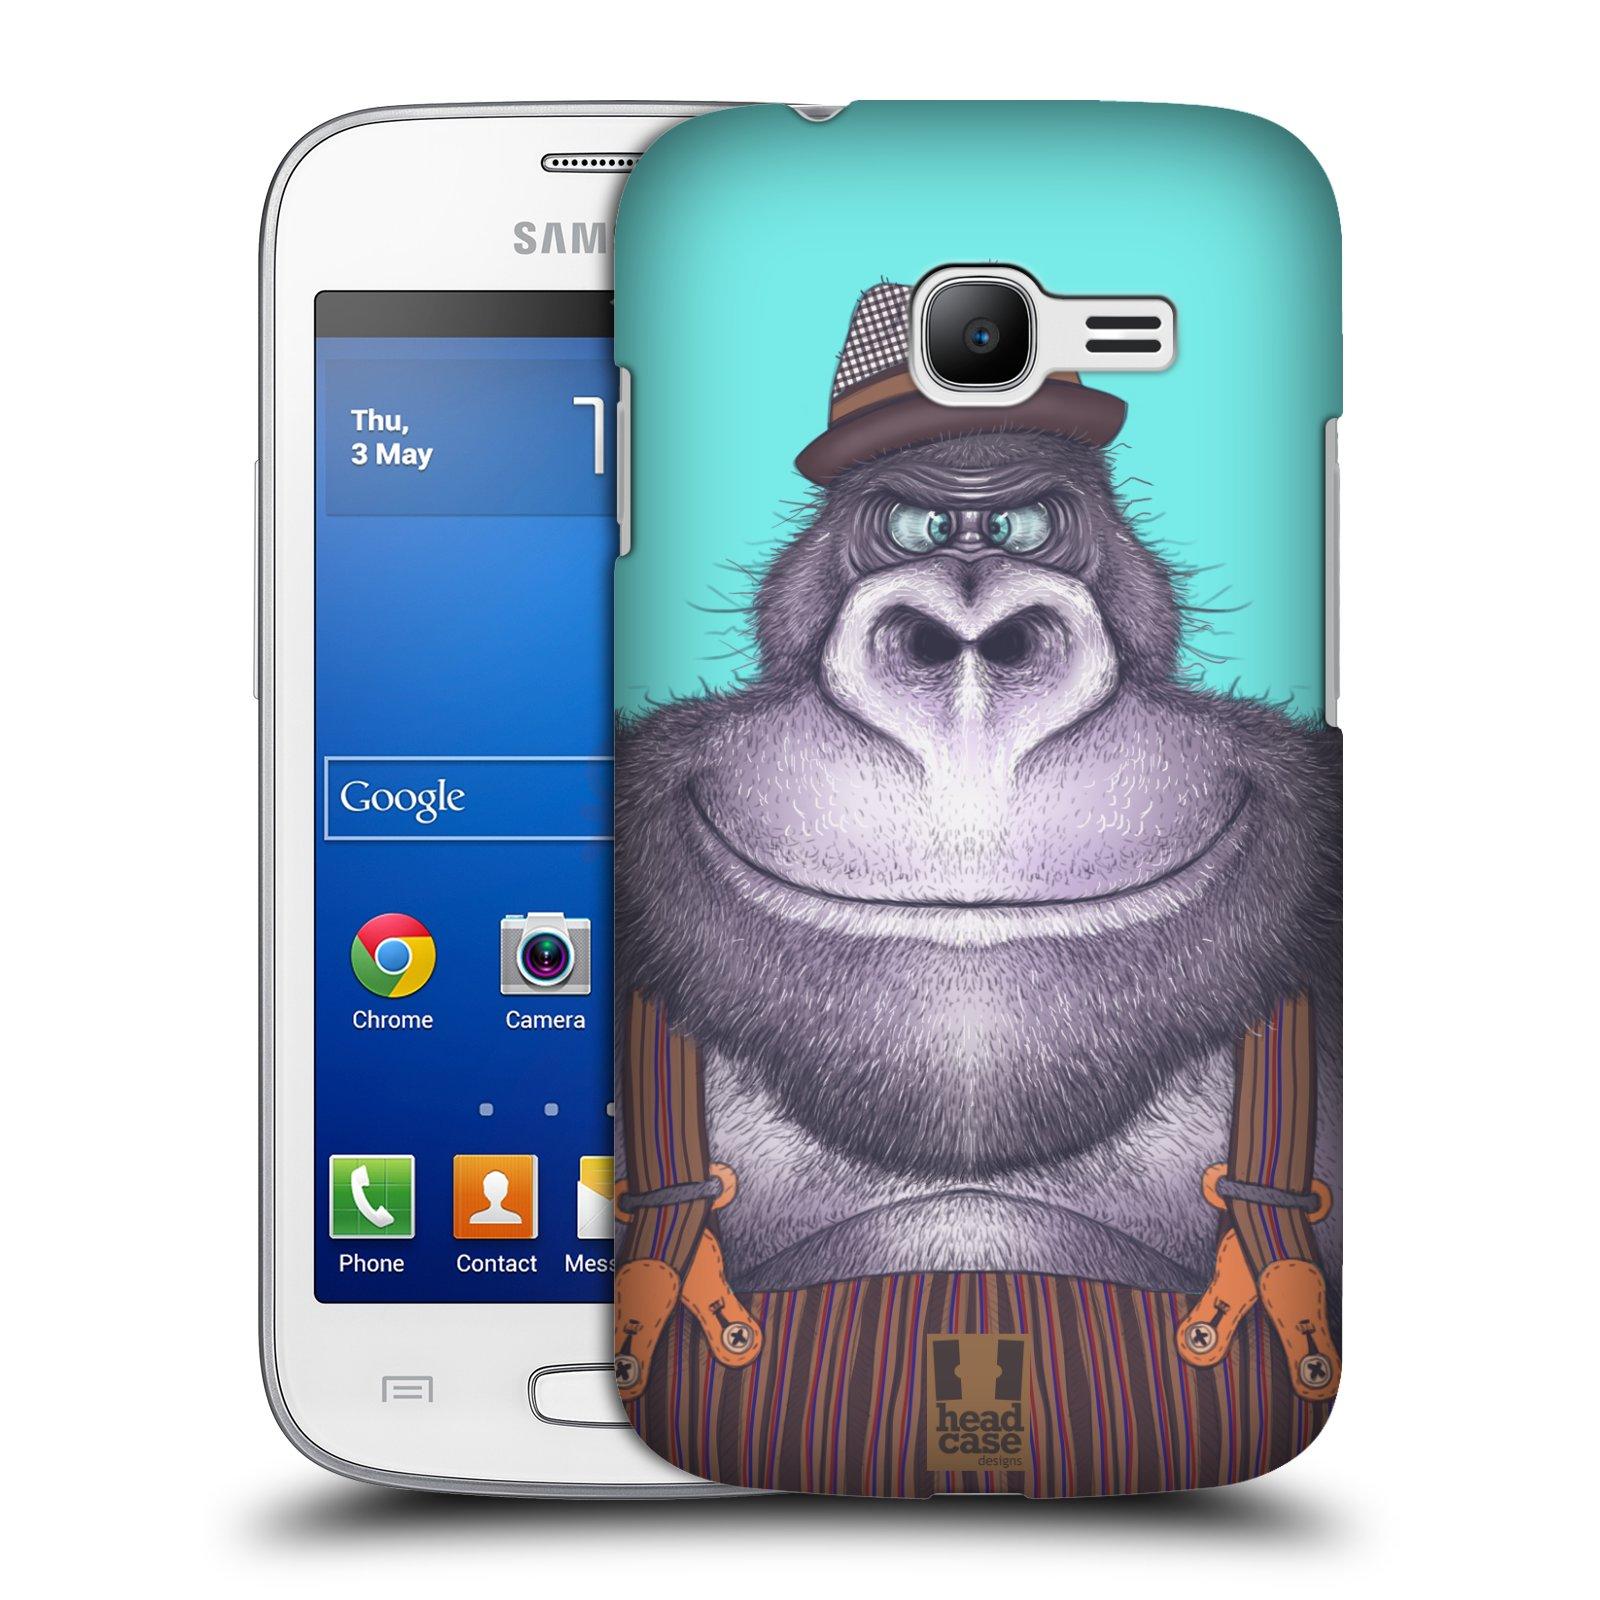 HEAD CASE plastový obal na mobil SAMSUNG GALAXY Star Pro S7260/S7262 DUOS vzor Kreslená zvířátka gorila